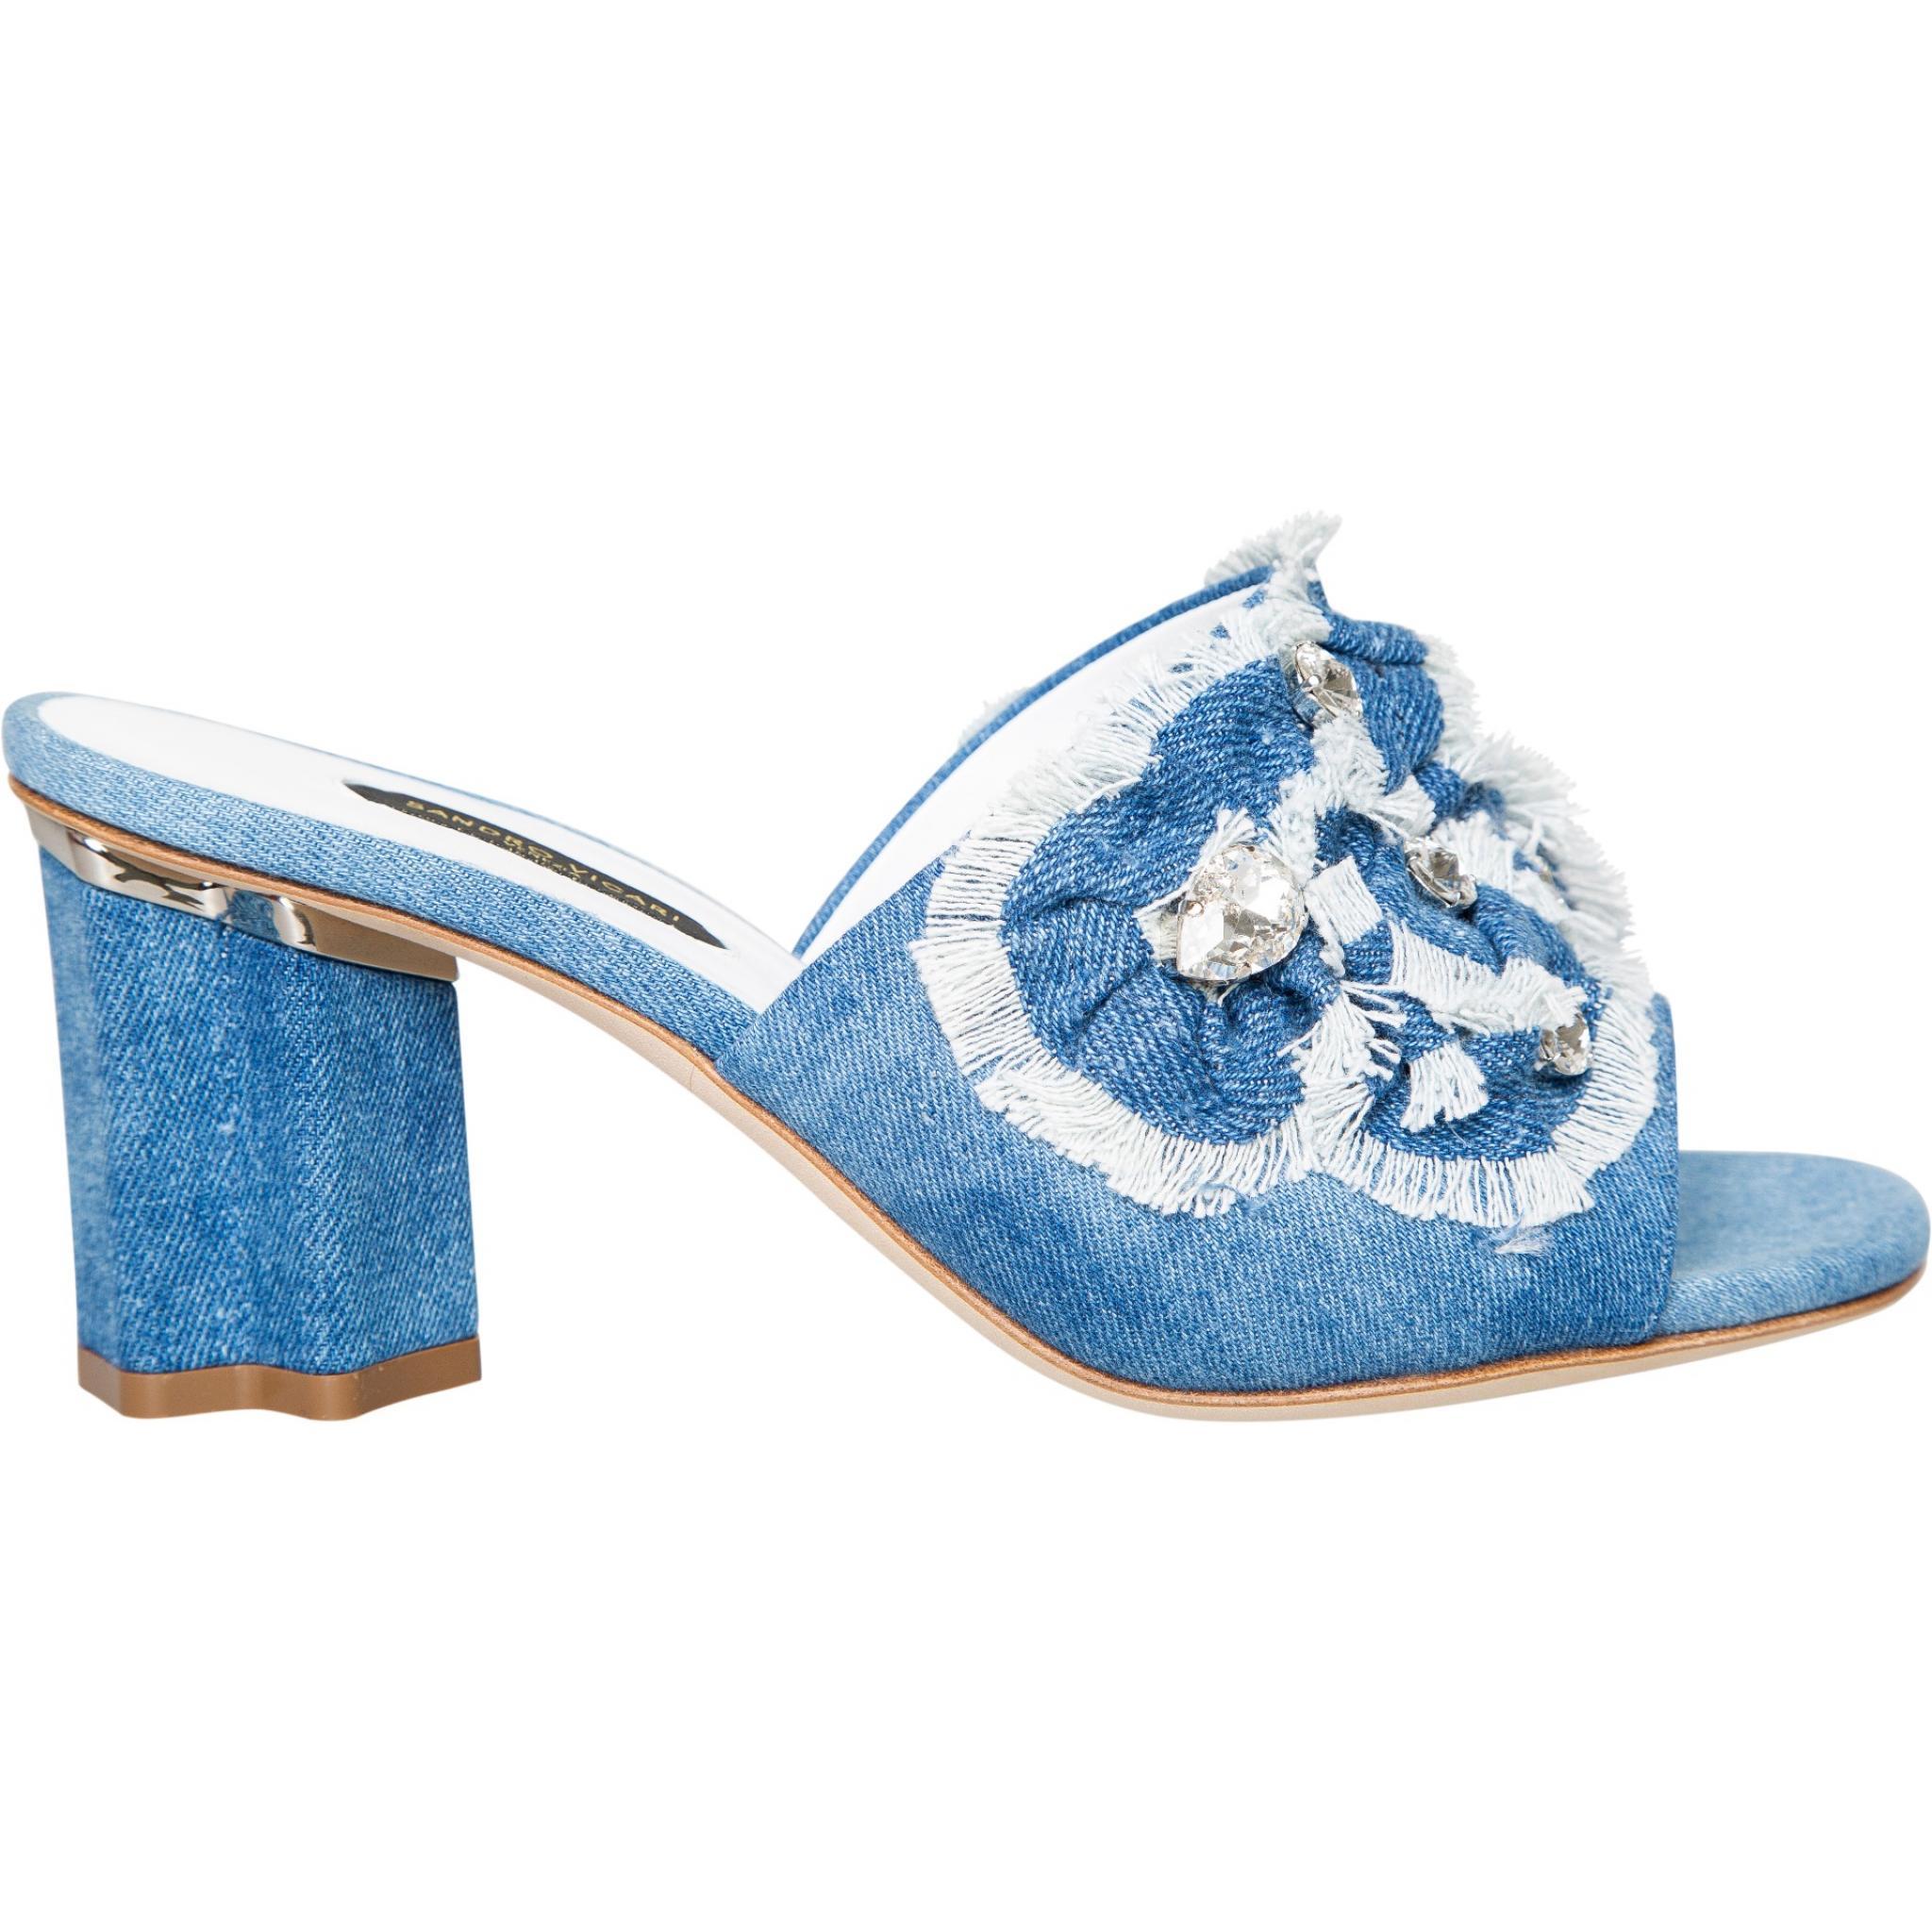 Sandalen in Jeans mit Schmucksteinzier und breitem Absatz-0